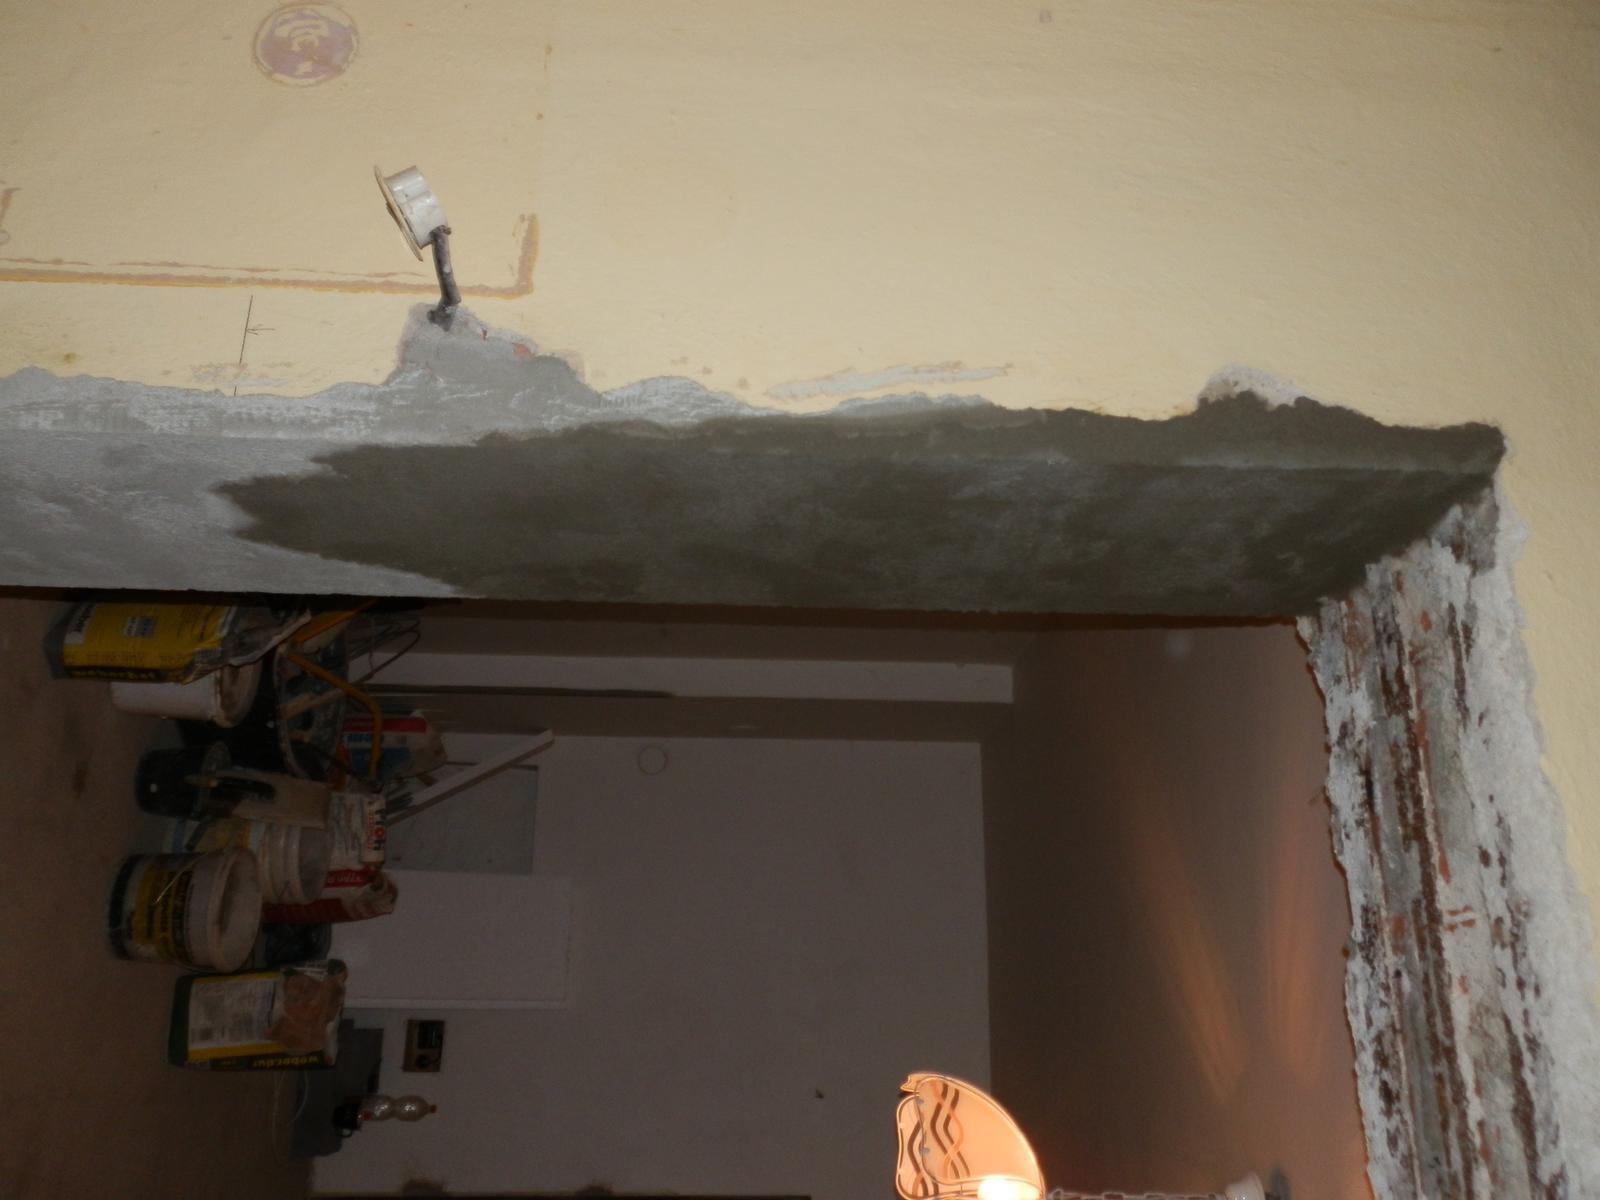 Náš byt v domě- rekonstrukce - Obrázek č. 82